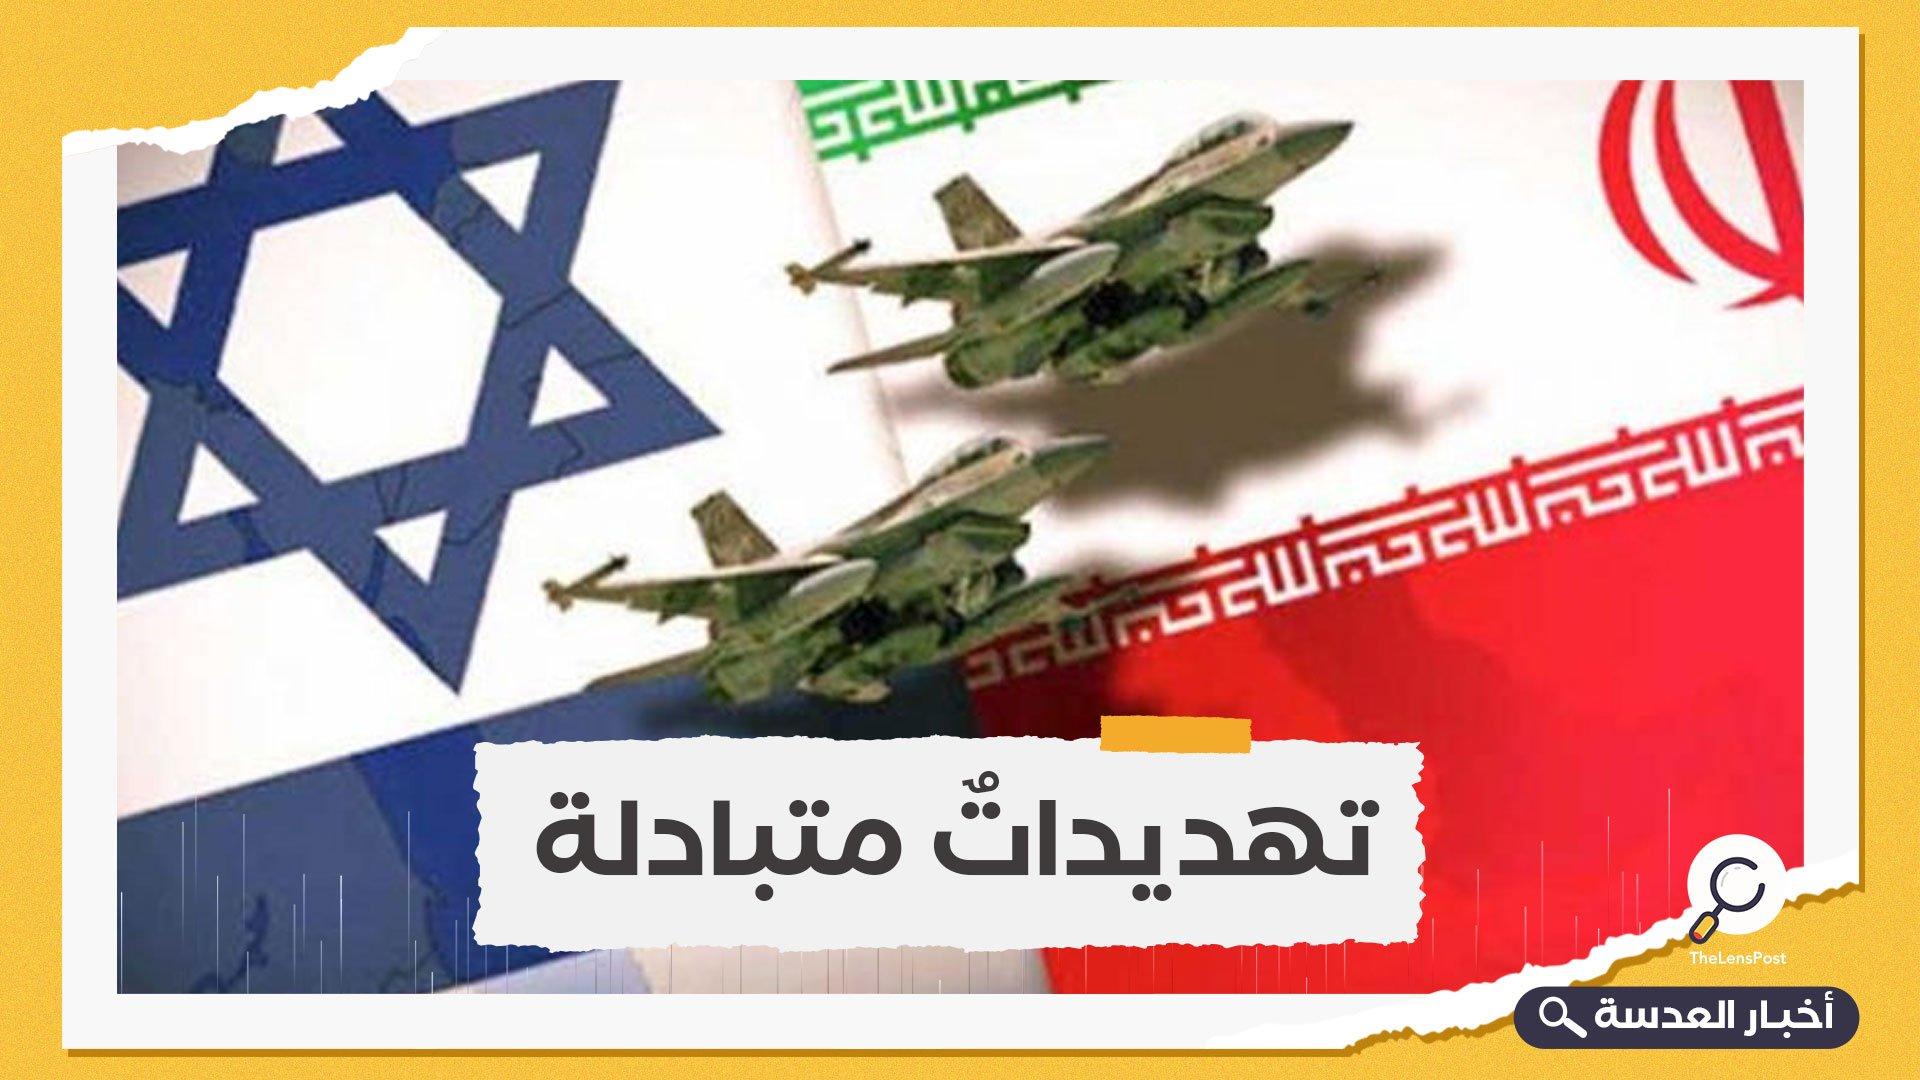 رئيس أركان جيش الاحتلال يهدد طهران.. وإيران تحذر: سنرد على أى هجوم